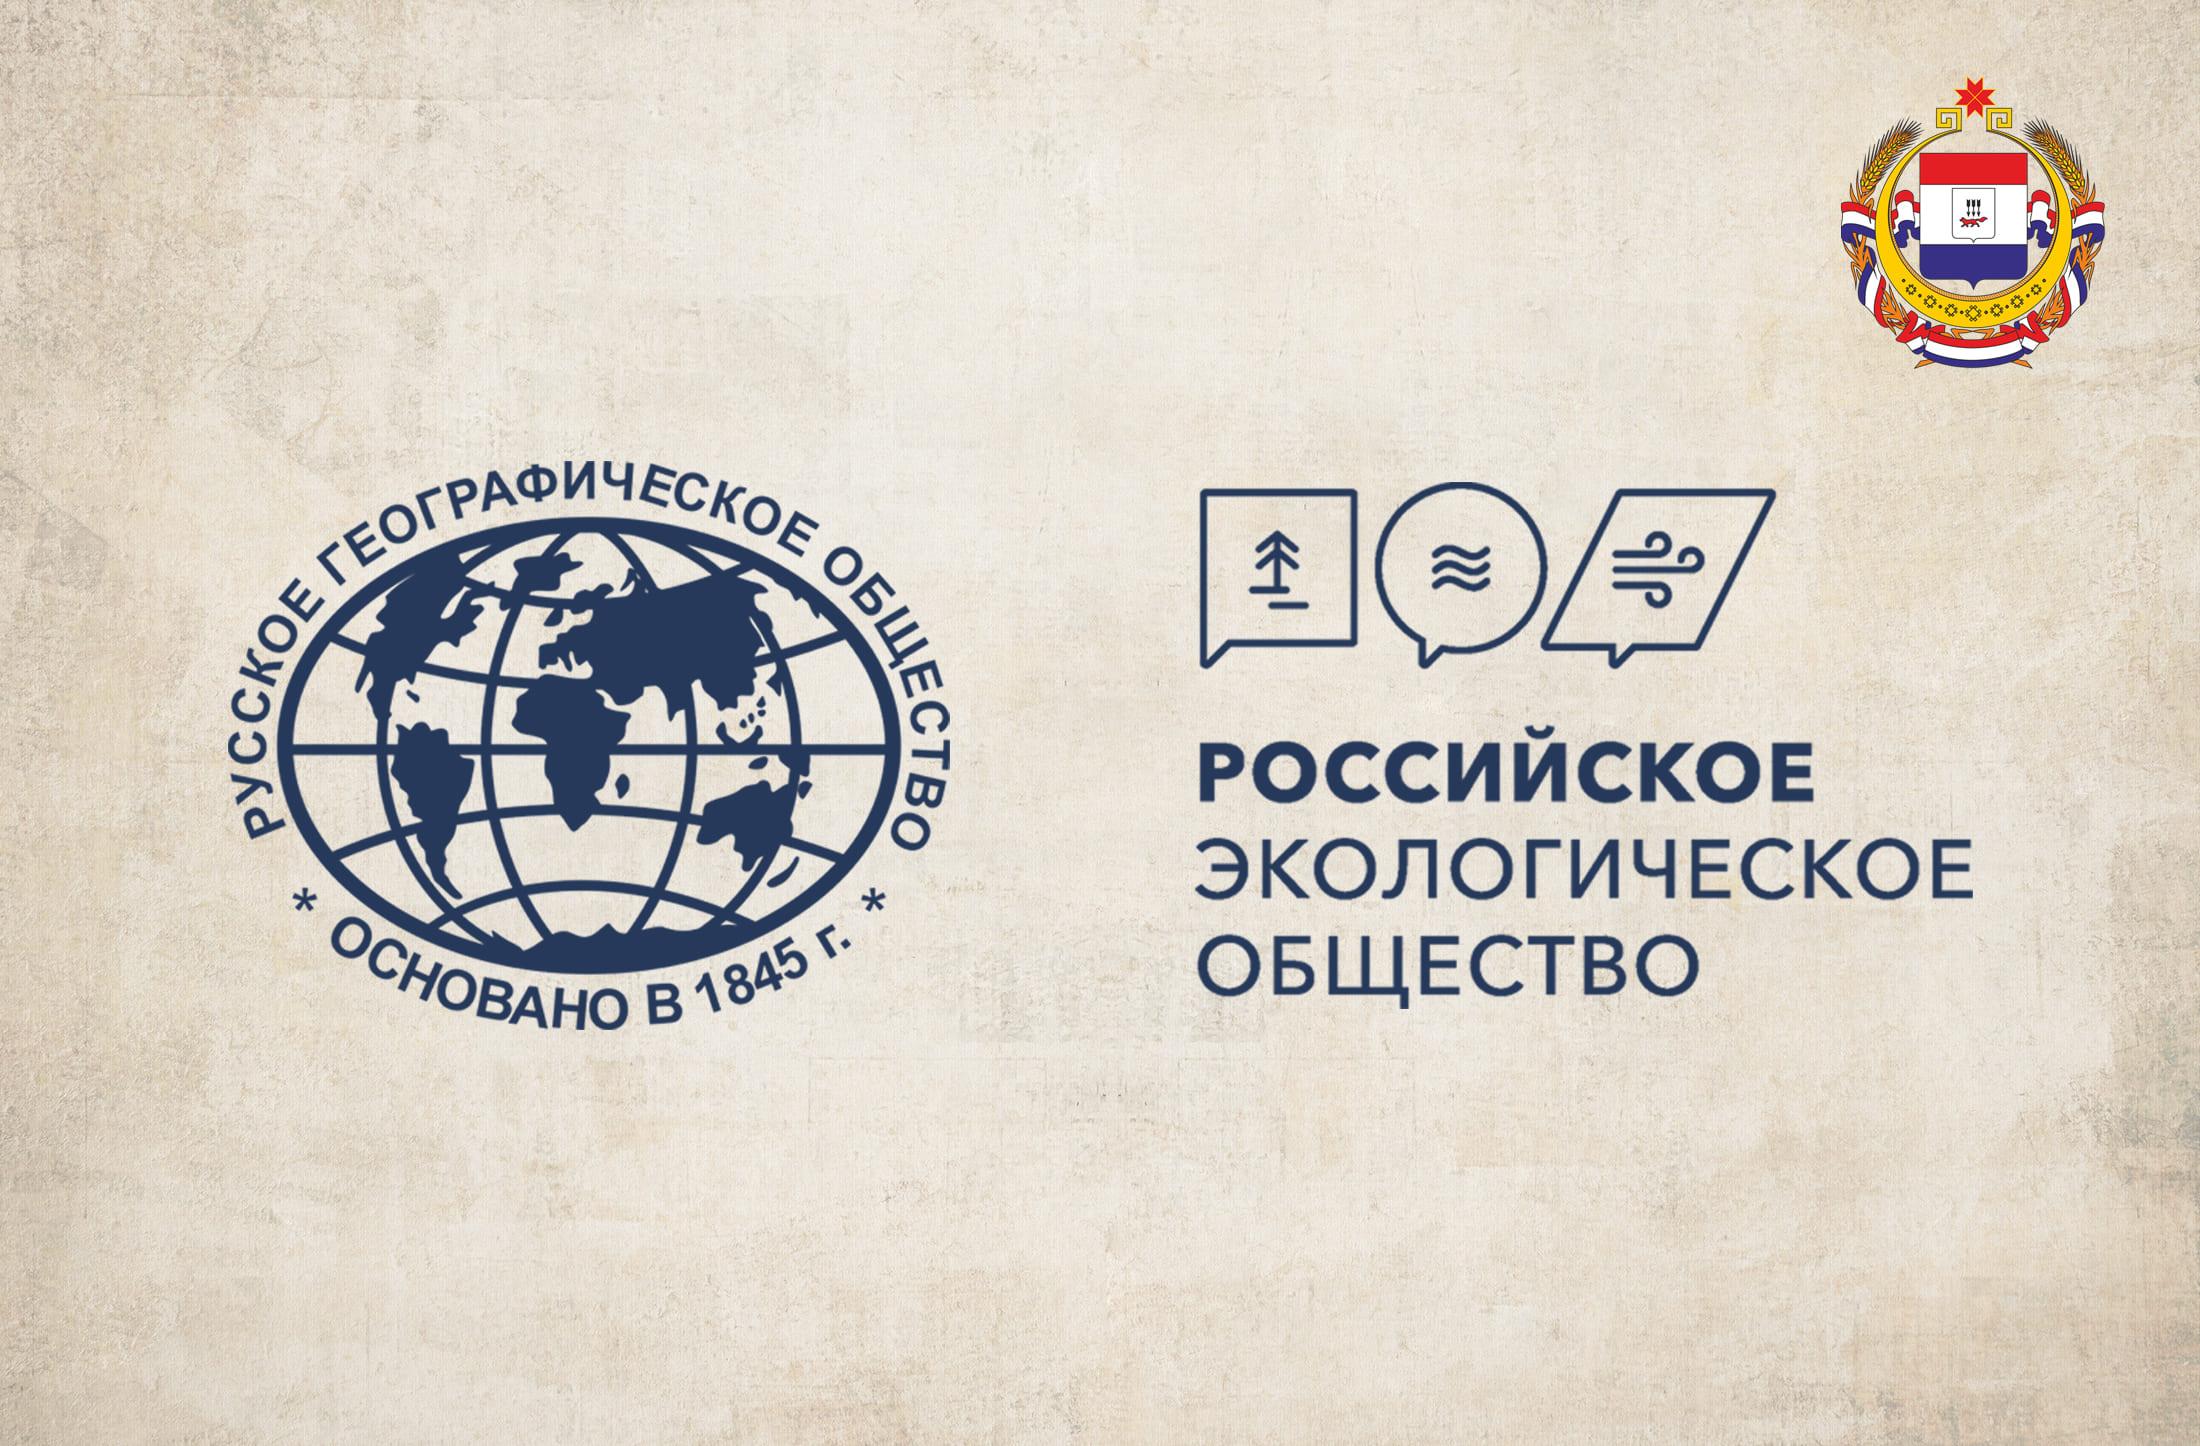 Экологическое образование и просвещение в Республике Мордовия будут совместно развивать РЭО и РГО